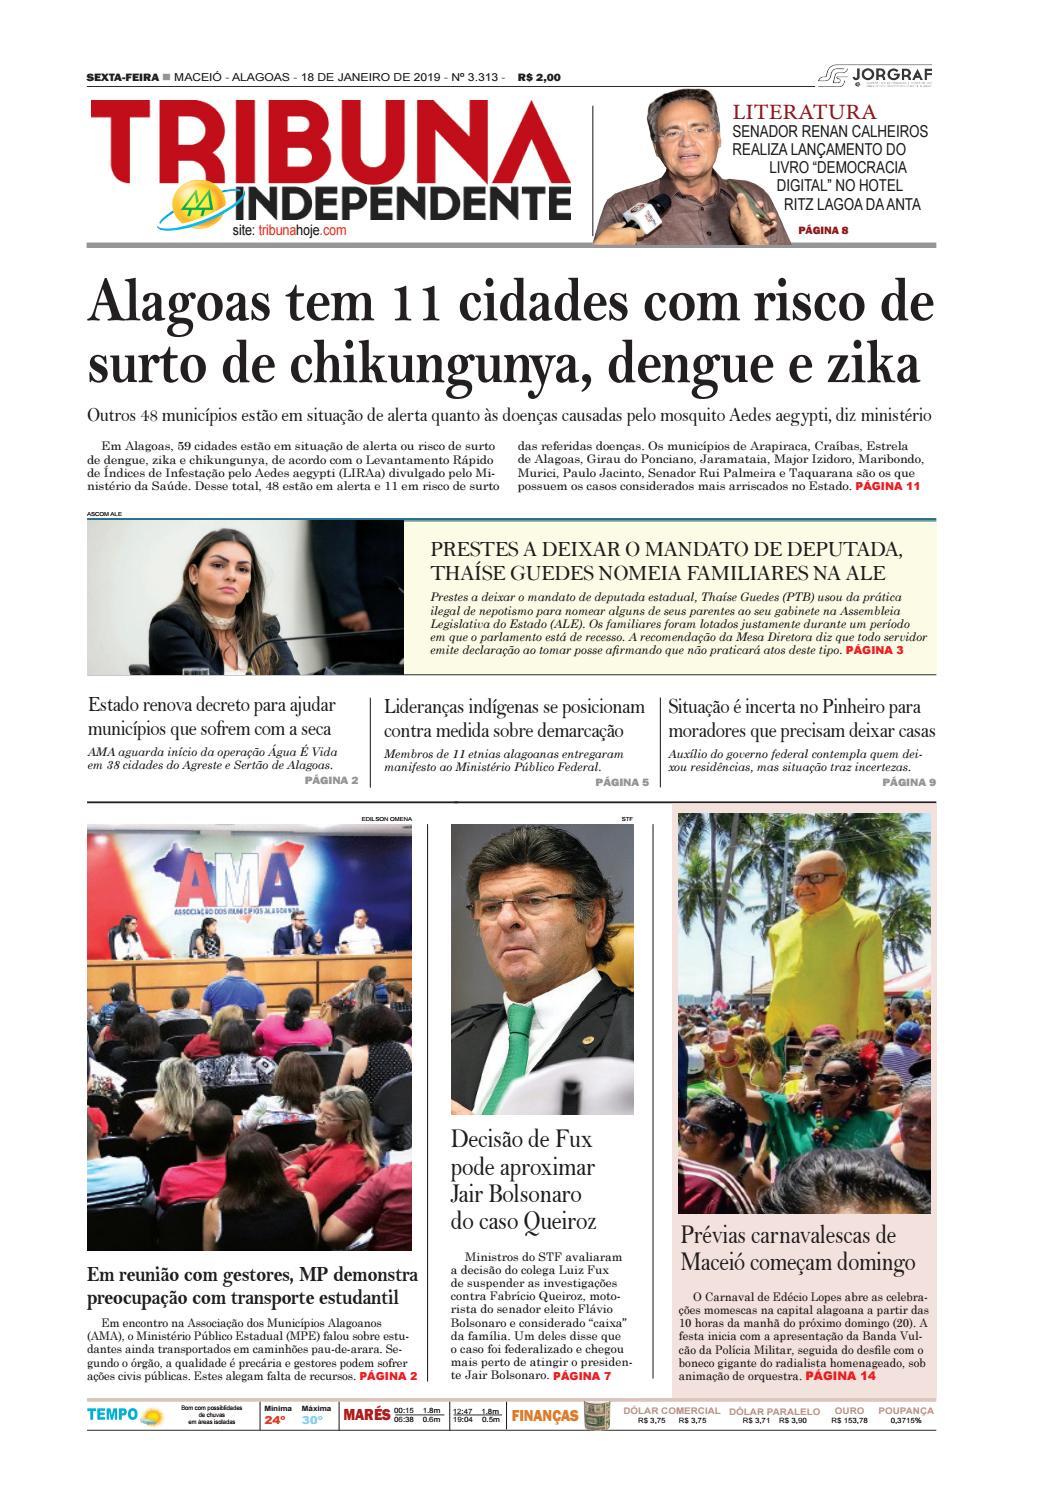 f132daff1a Edição número 3313 - 18 de janeiro de 2019 by Tribuna Hoje - issuu